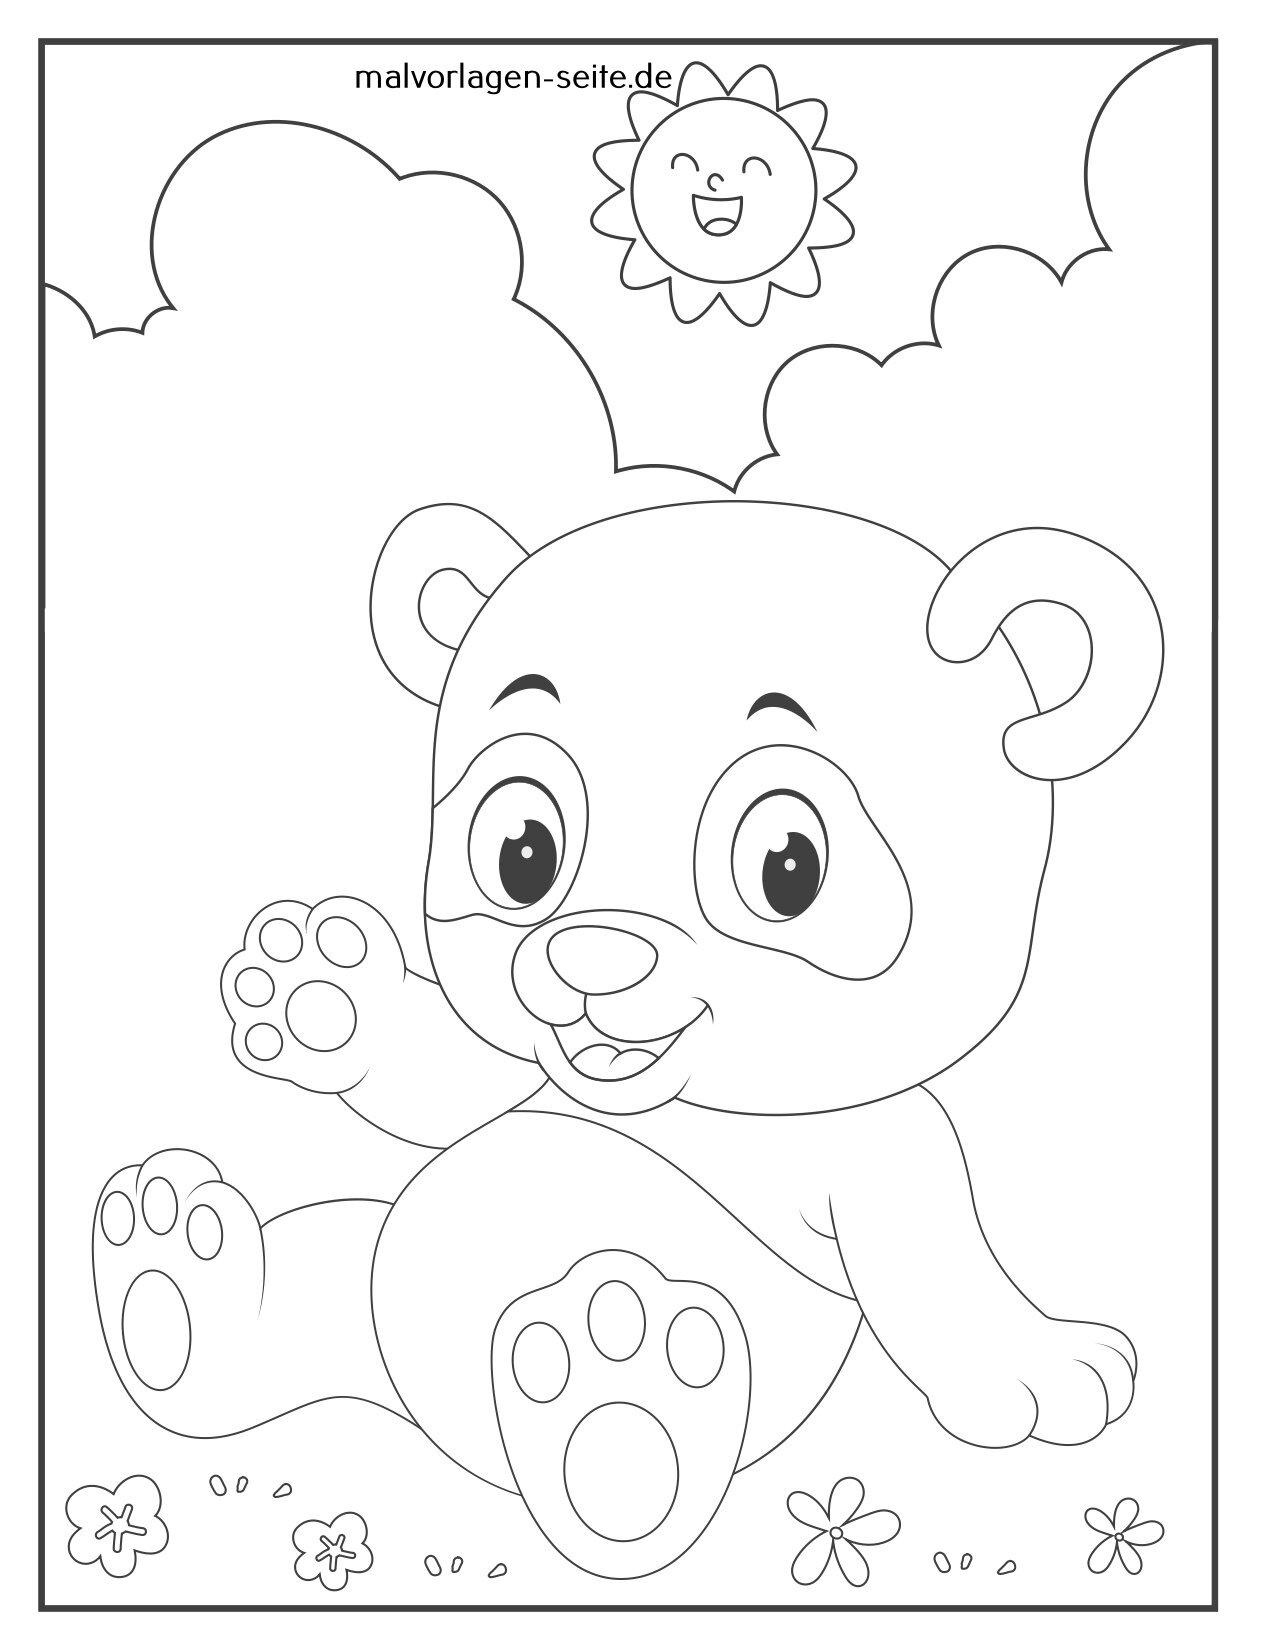 ʻO ka bear page